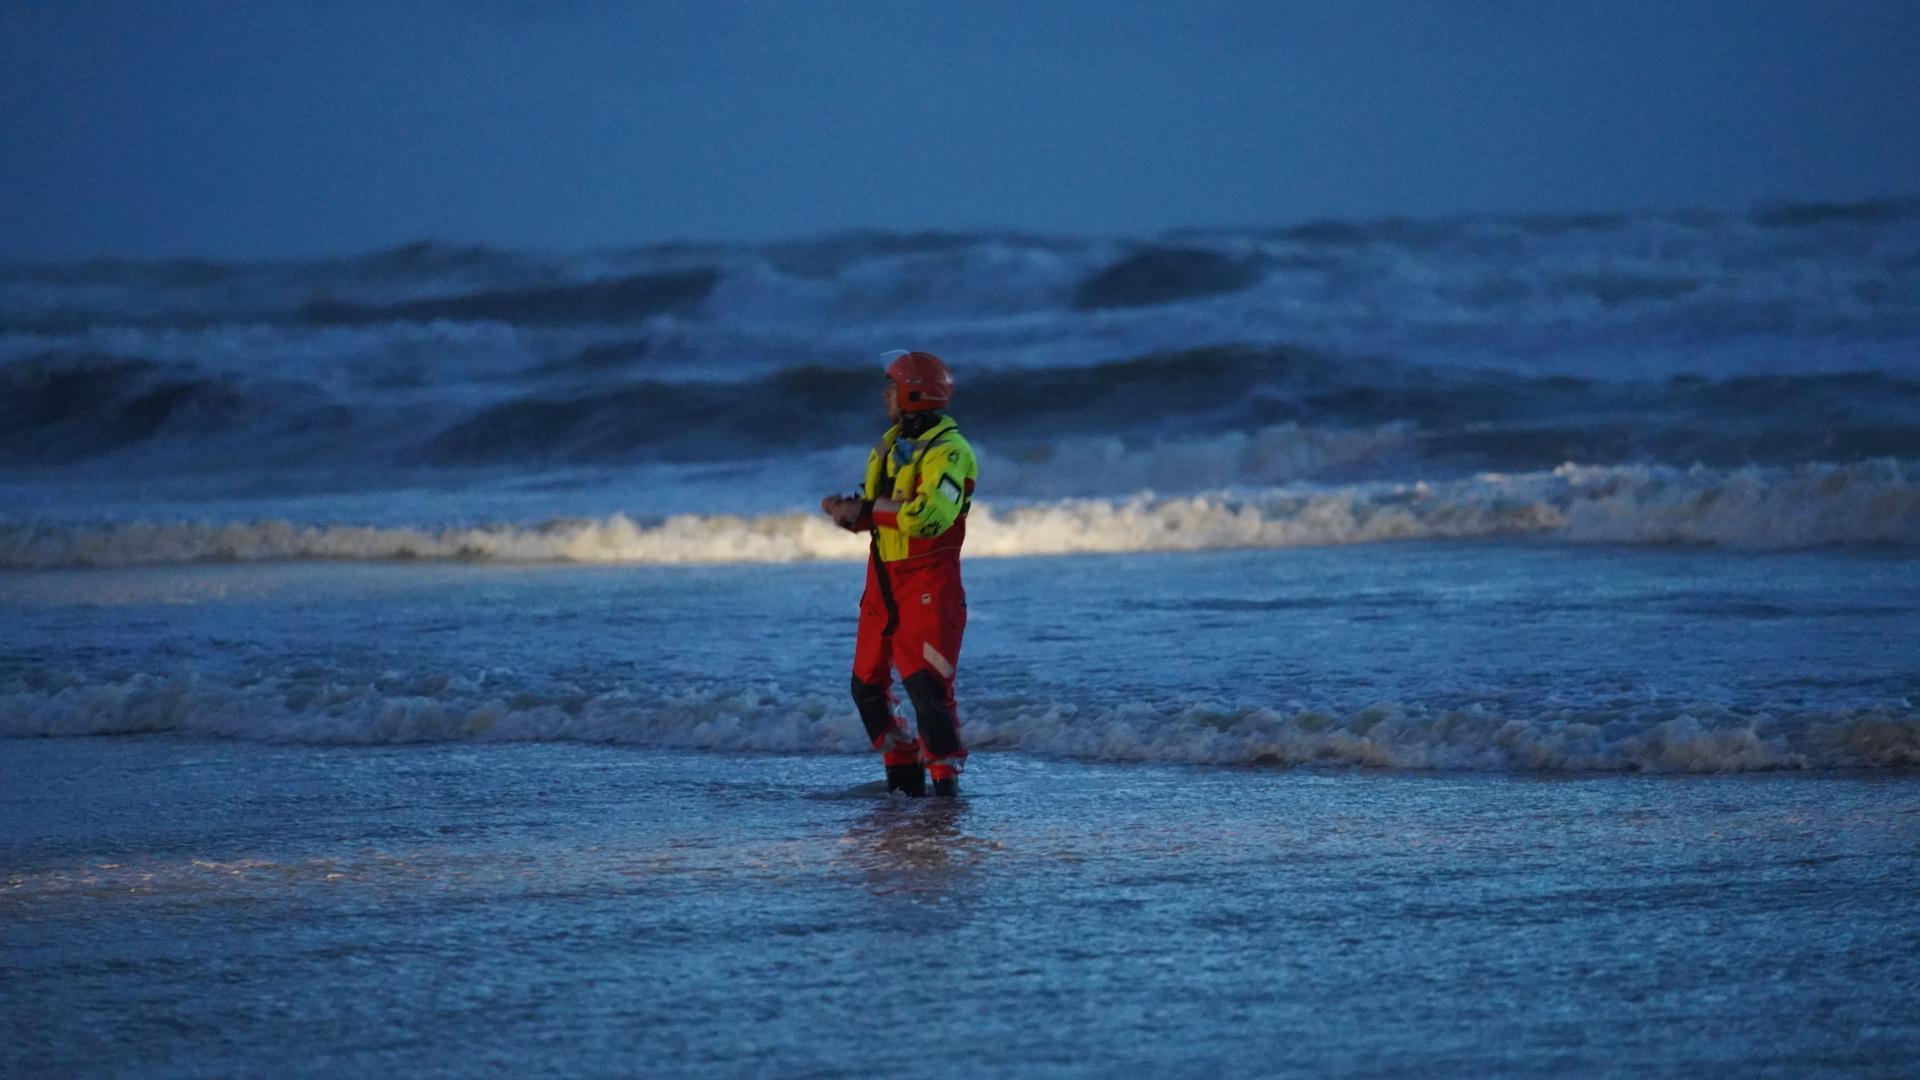 'Vermiste' zwemmers Castricum bereiken zelf vasteland. 'Eind goed al goed. Niemand in de problemen gekomen'